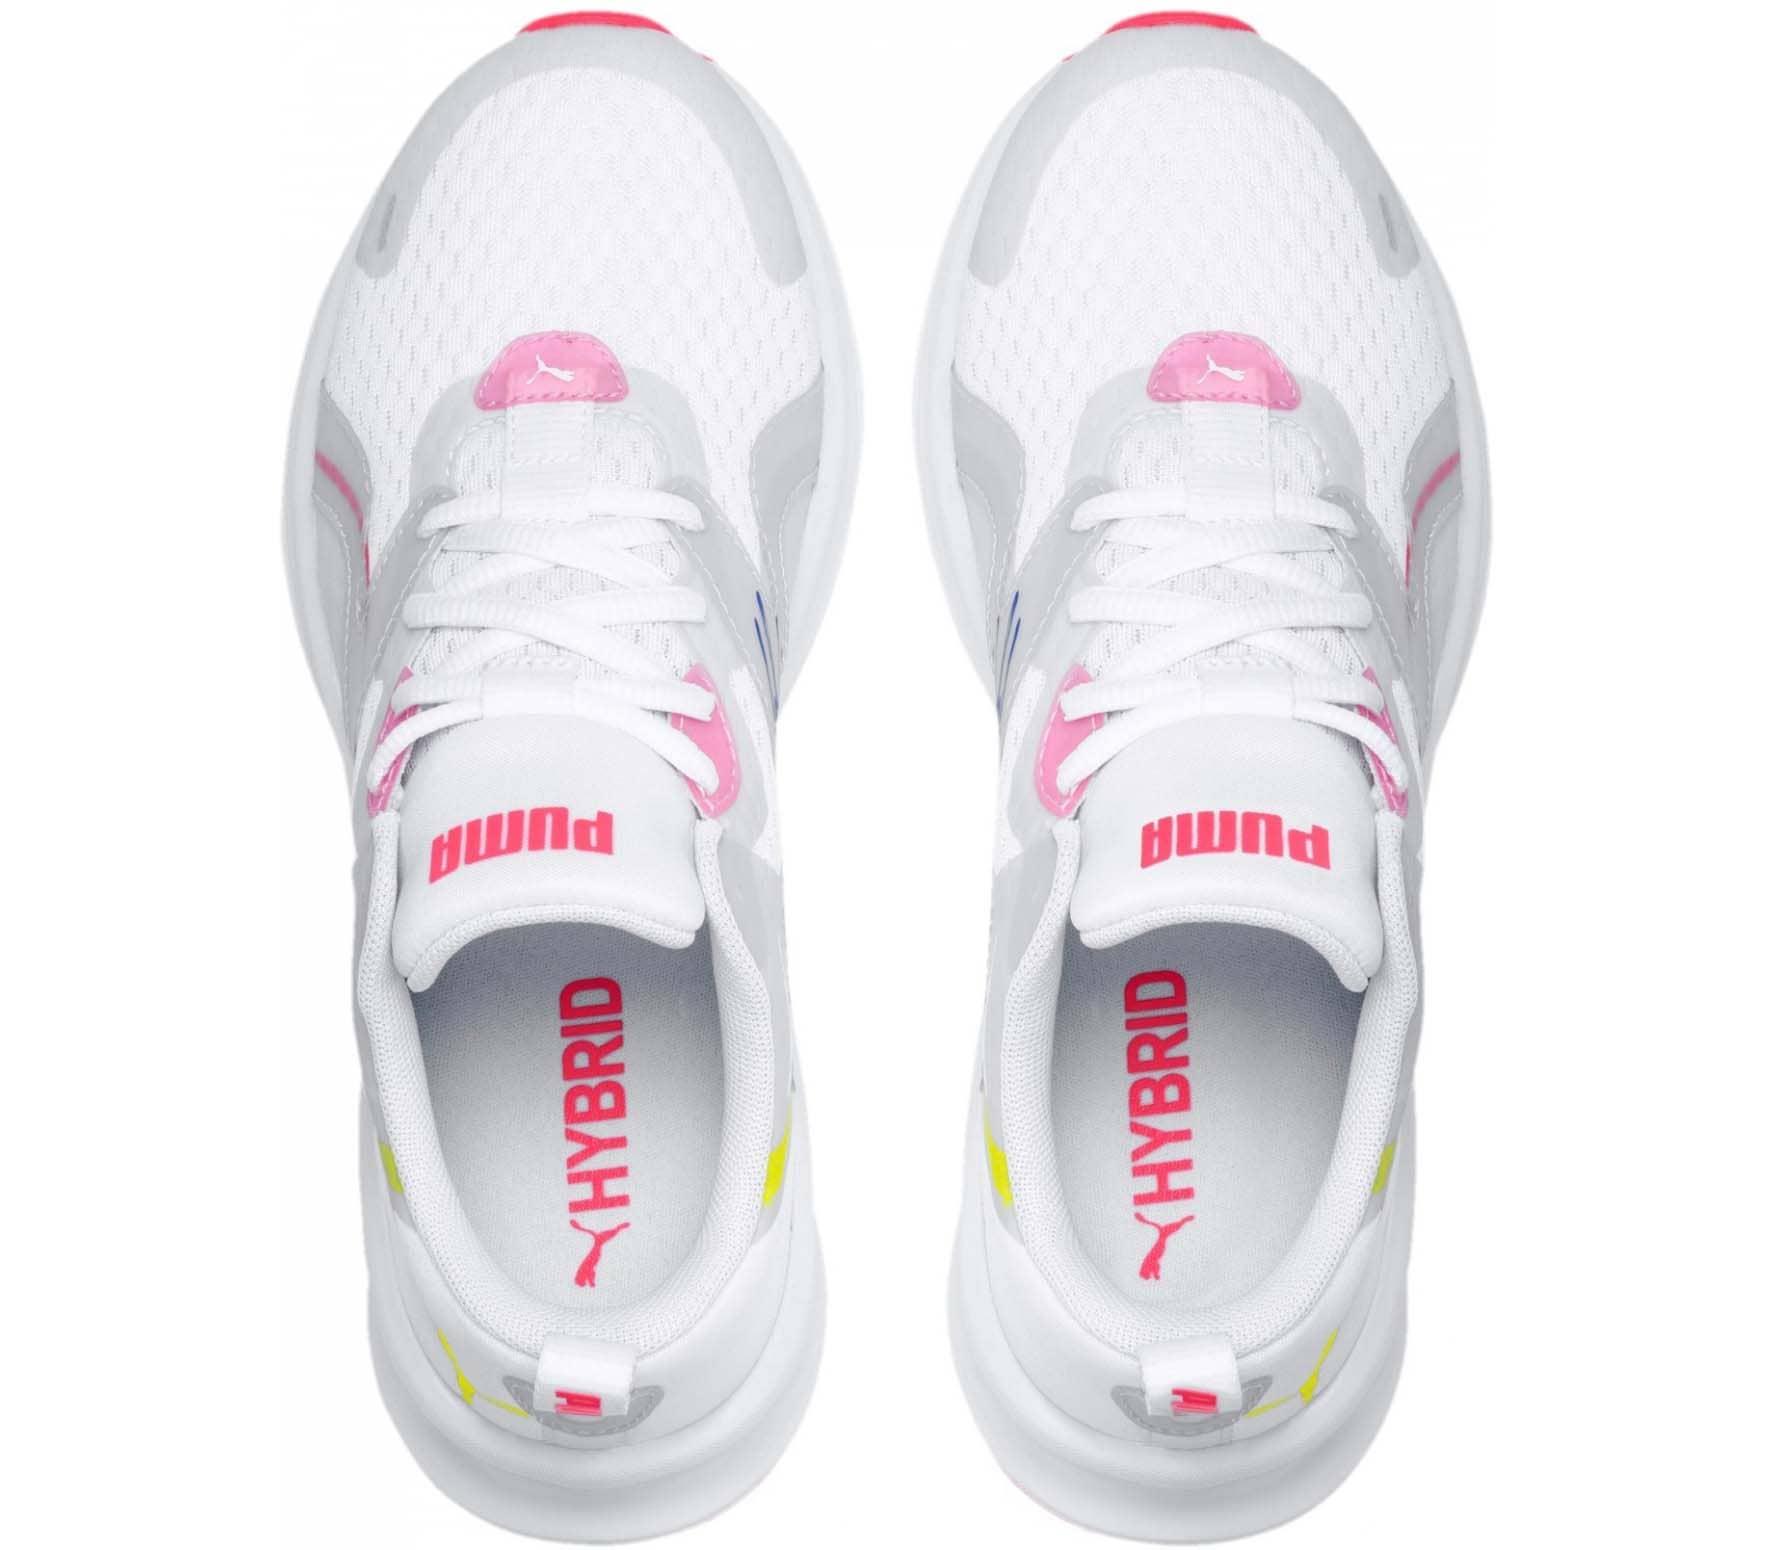 28a0af9955 Puma Hybrid Fuego Women Training Shoes white